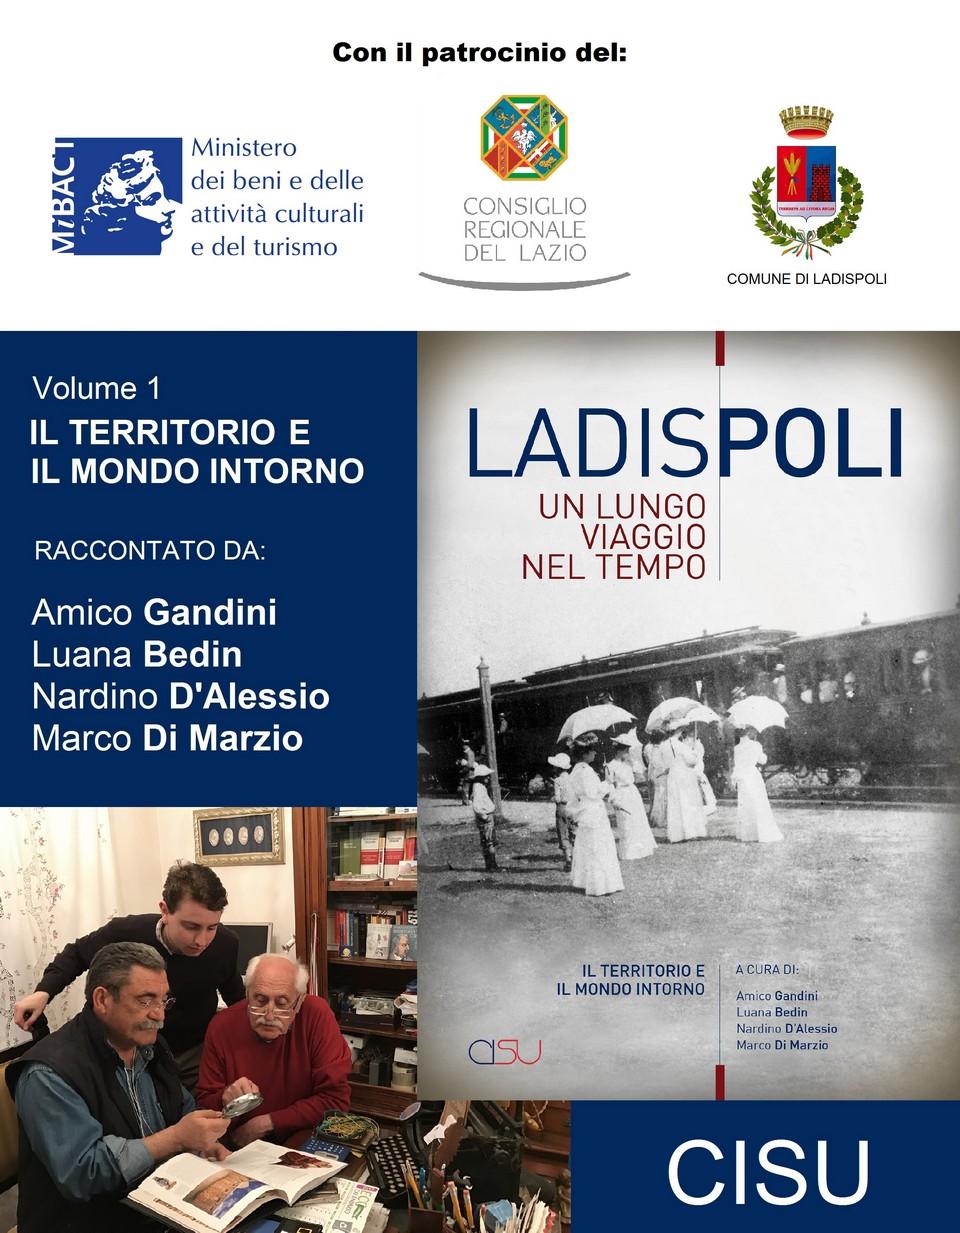 Ladispoli – Un lungo viaggio nel tempo